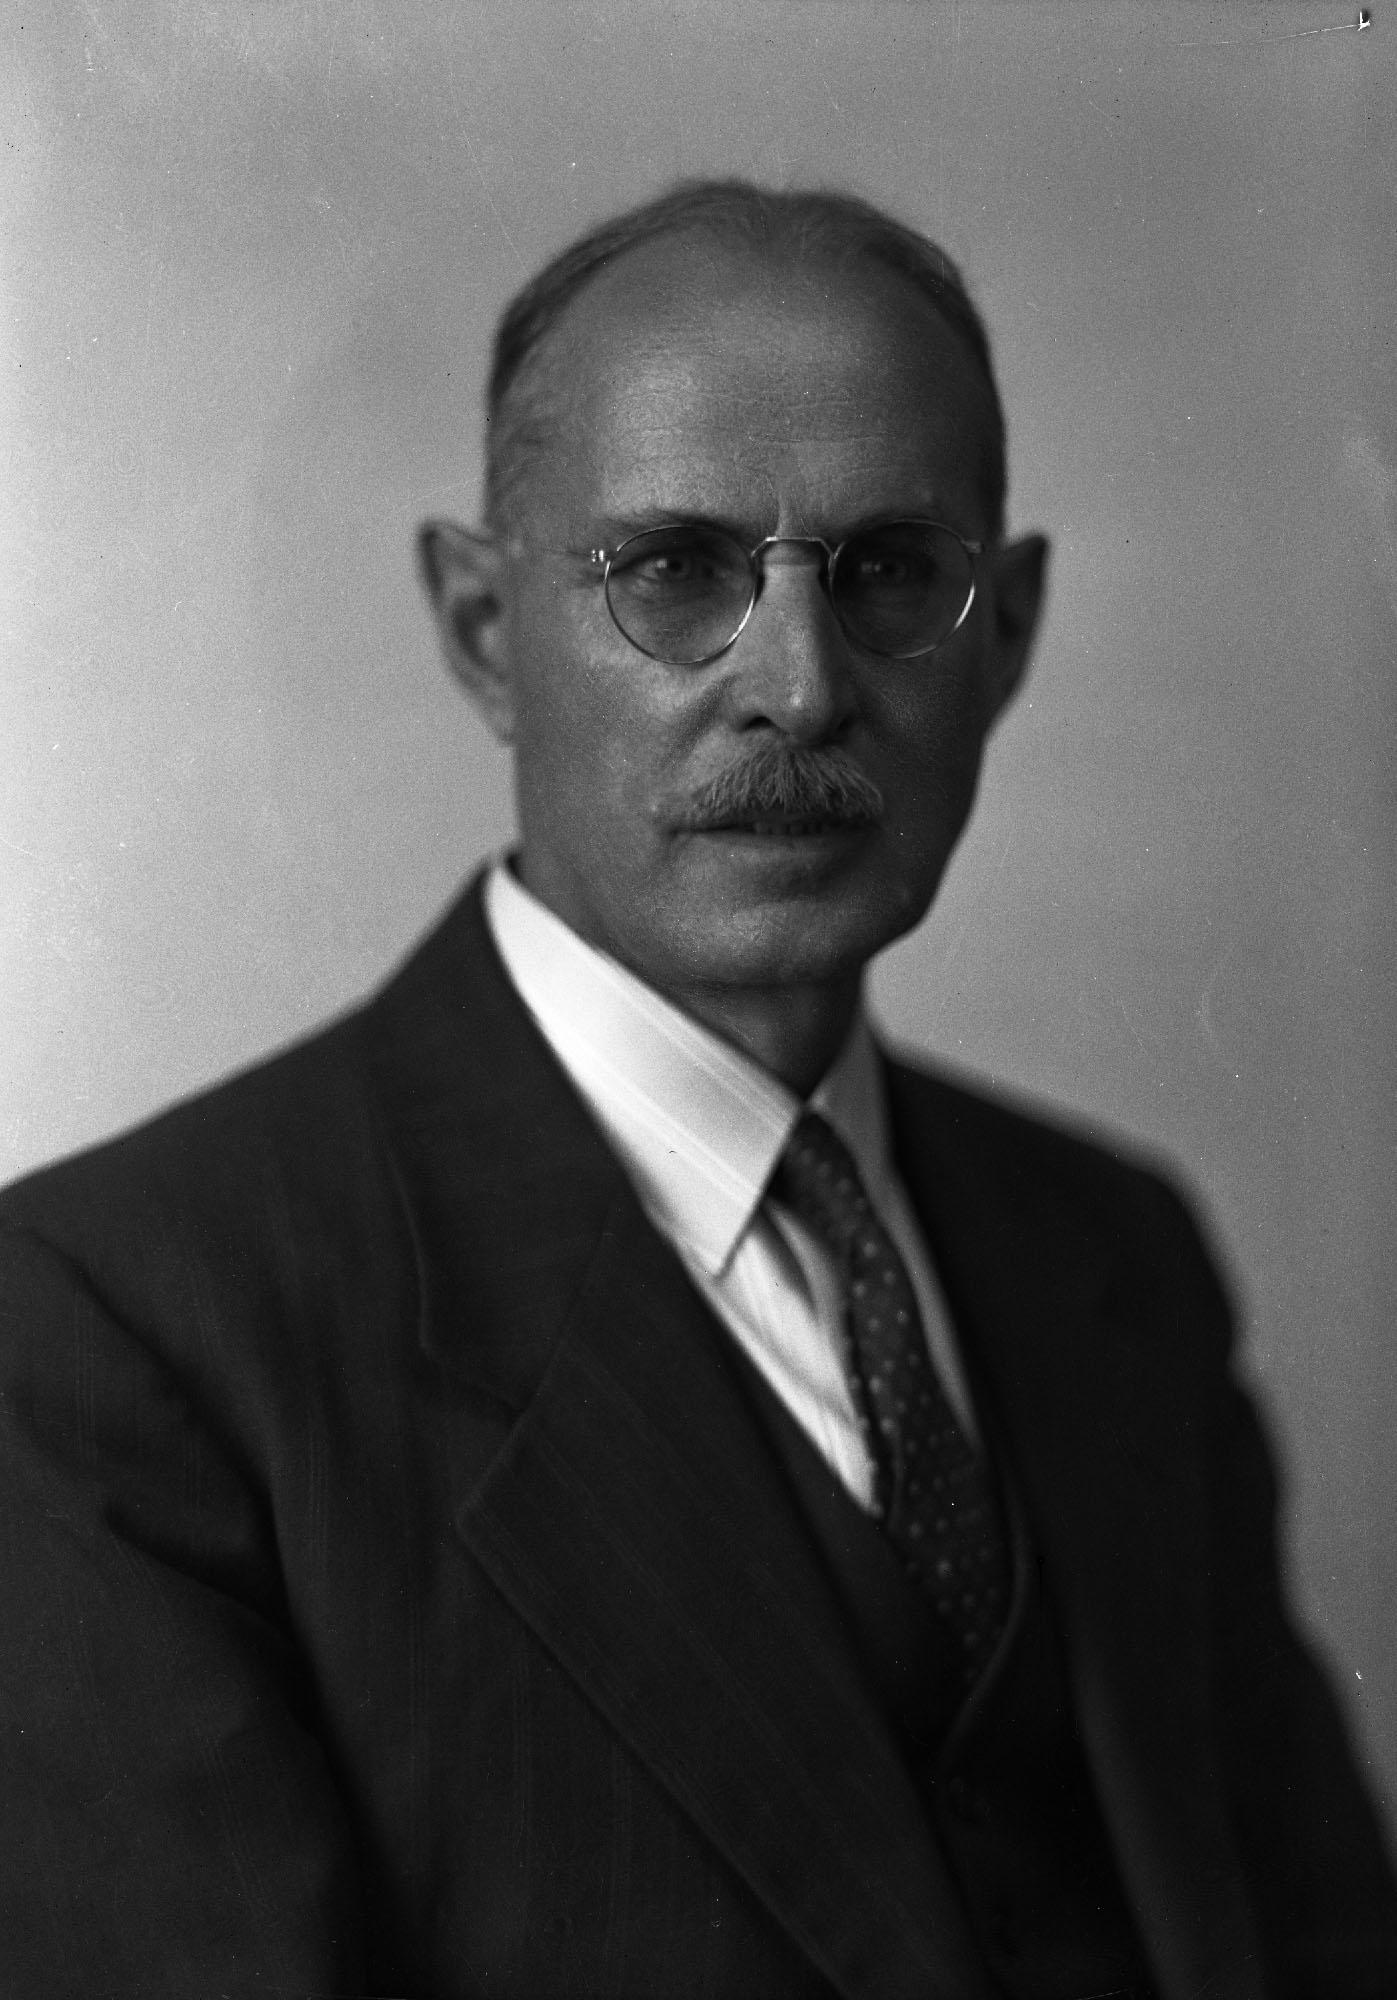 Photo noir et blanc de Frederick G. Todd, conseiller municipal